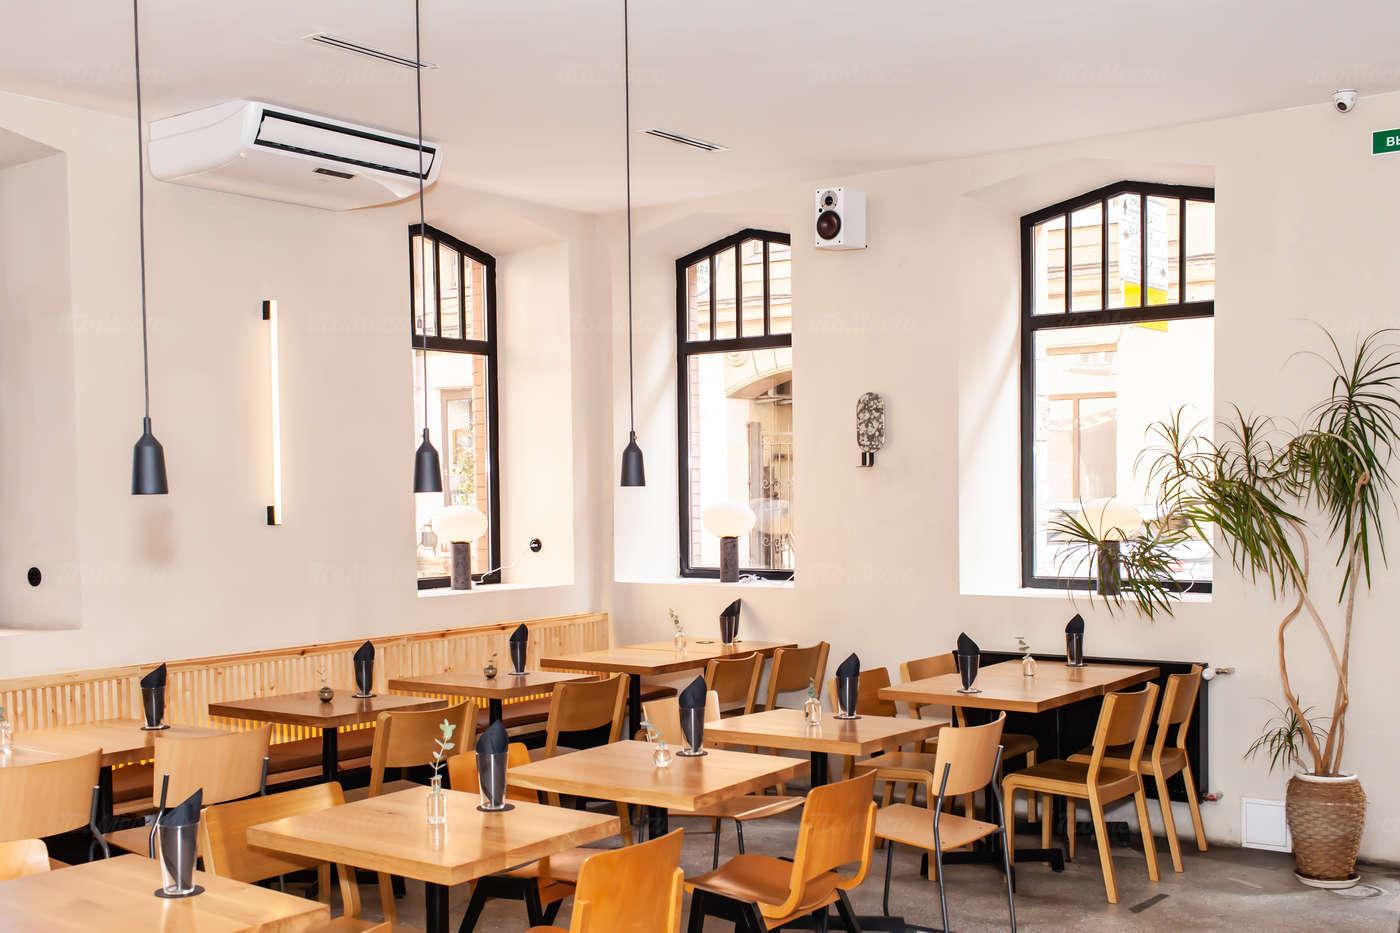 Банкеты ресторана Camorra Chimerica на Малом проспекте П.С. фото 6